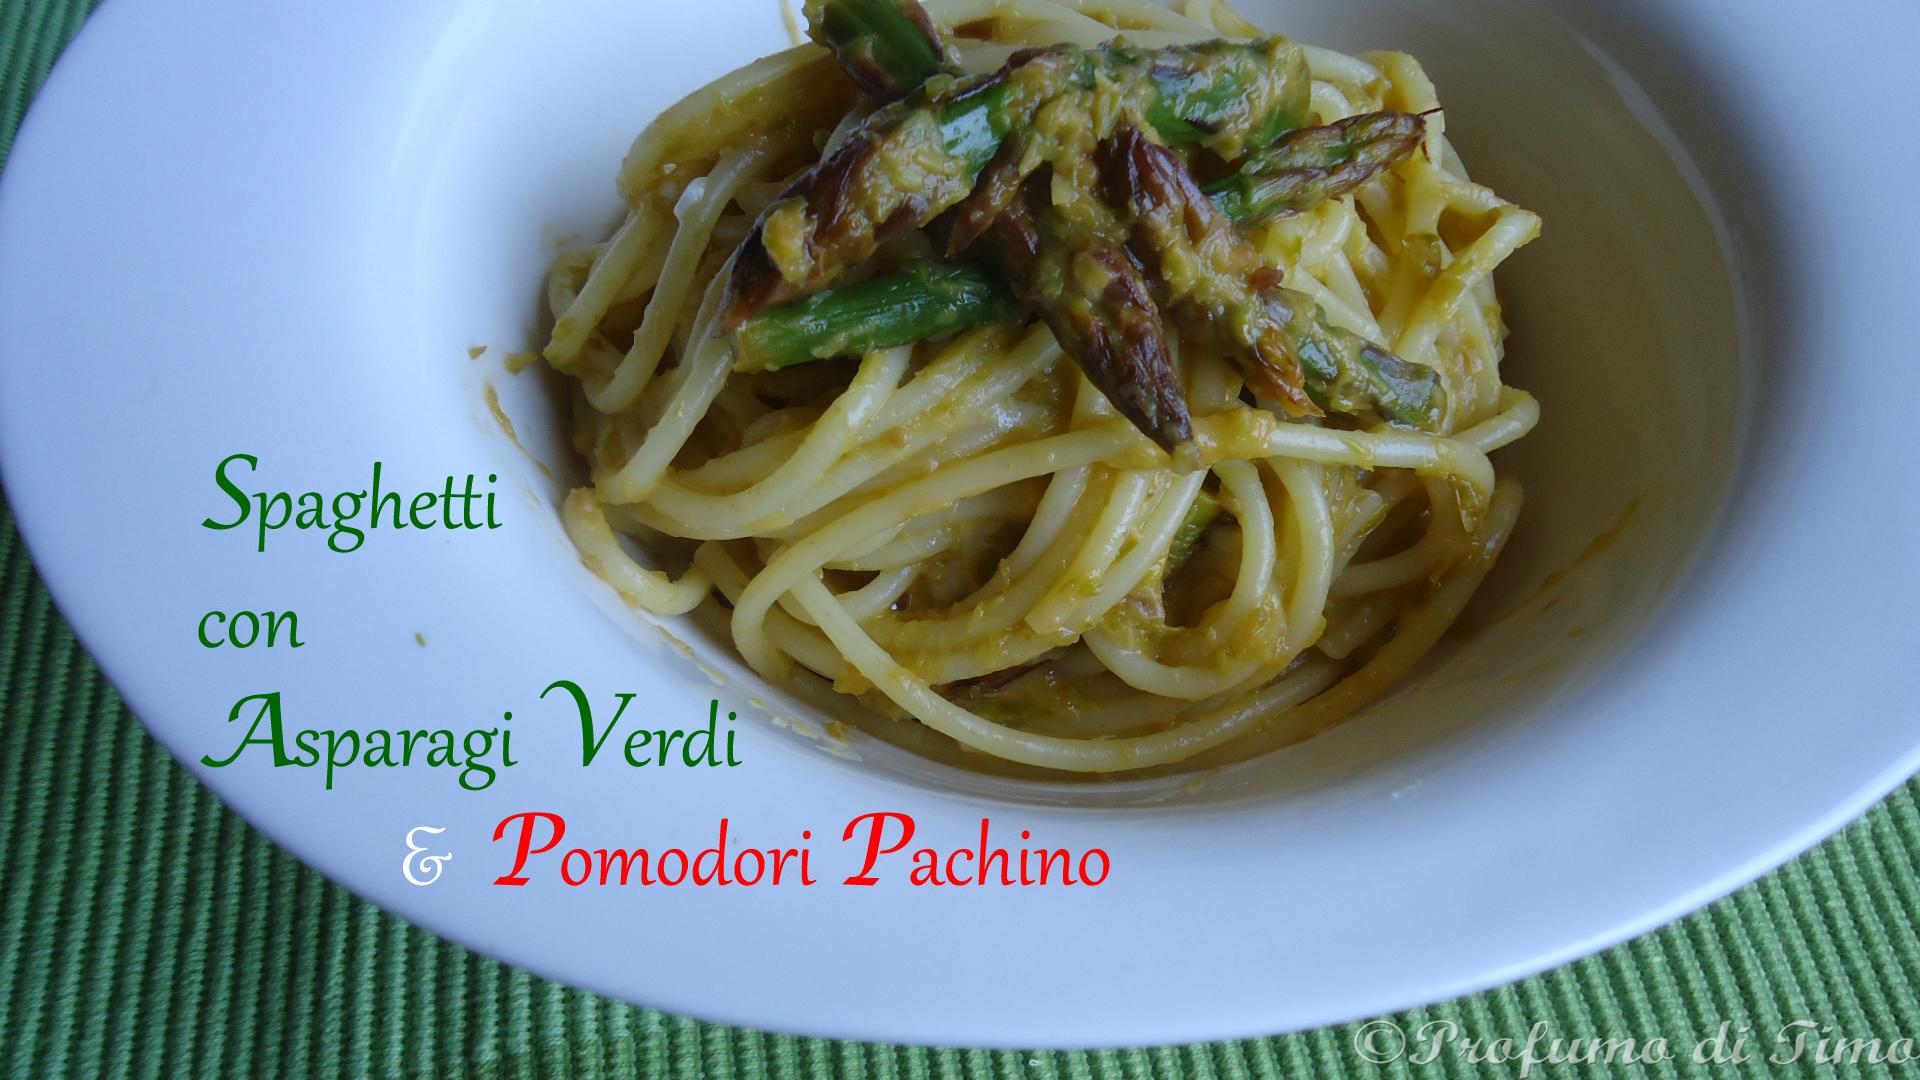 spaghetti  con asparagi verdi e pomodori pachino(1)